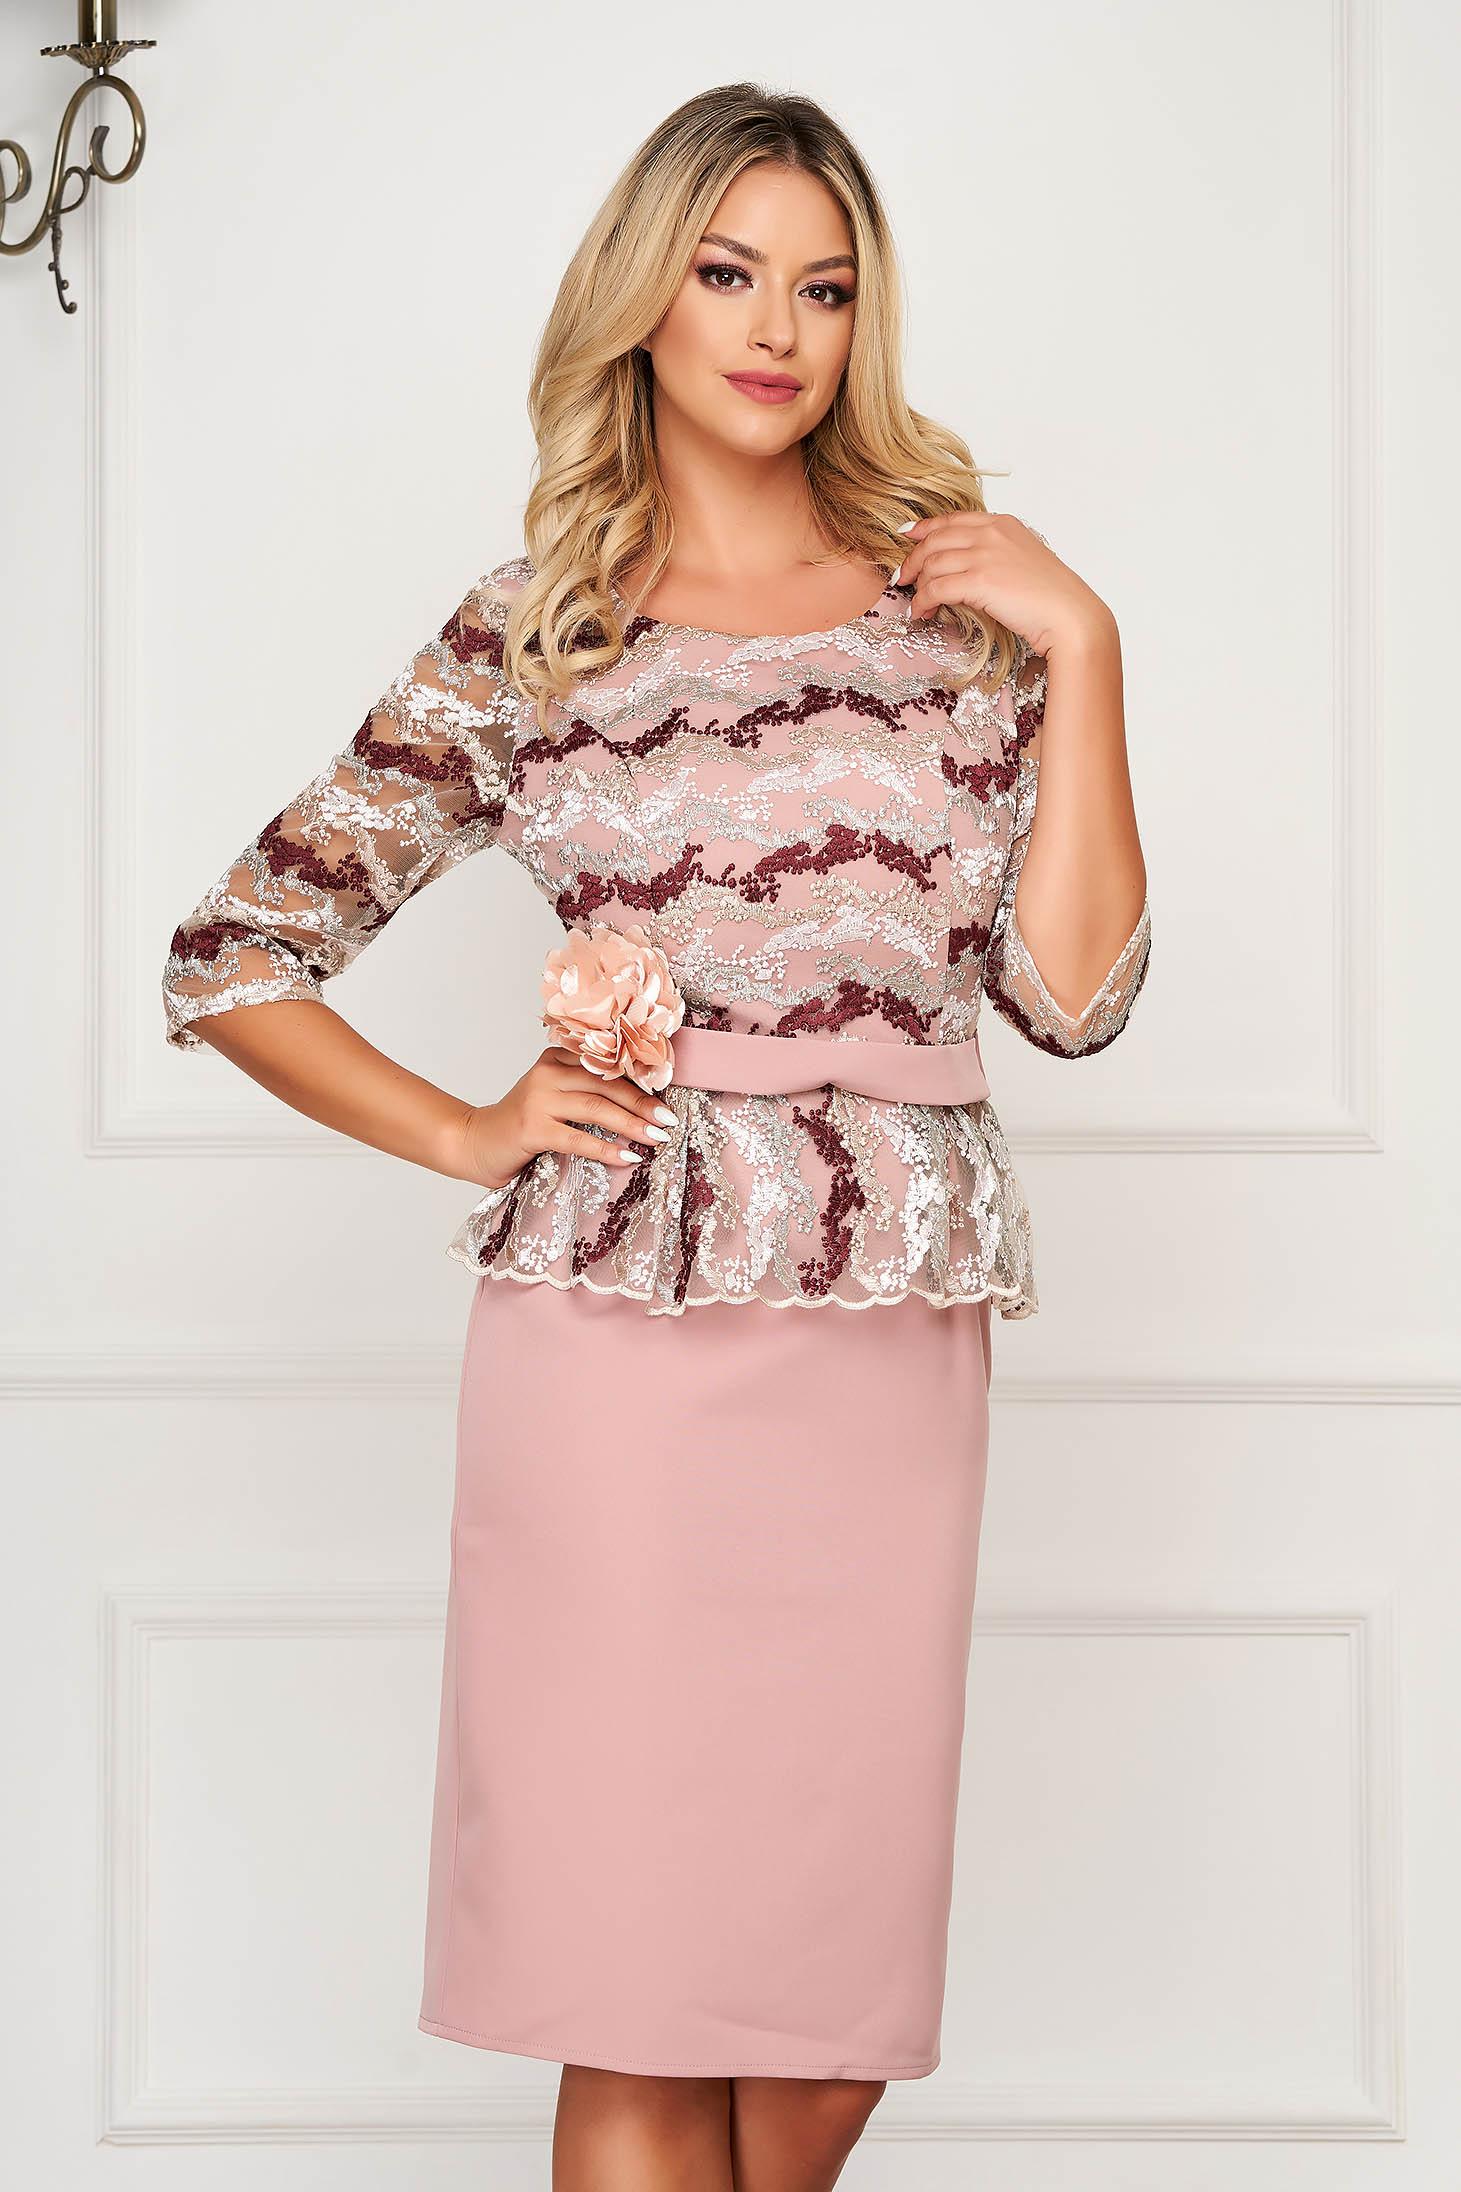 Púder rózsaszínű alkalmi kézileg hímzett csipke ceruza ruha öv típusú kiegészítővel háromnegyedes ujjakkal peplummal